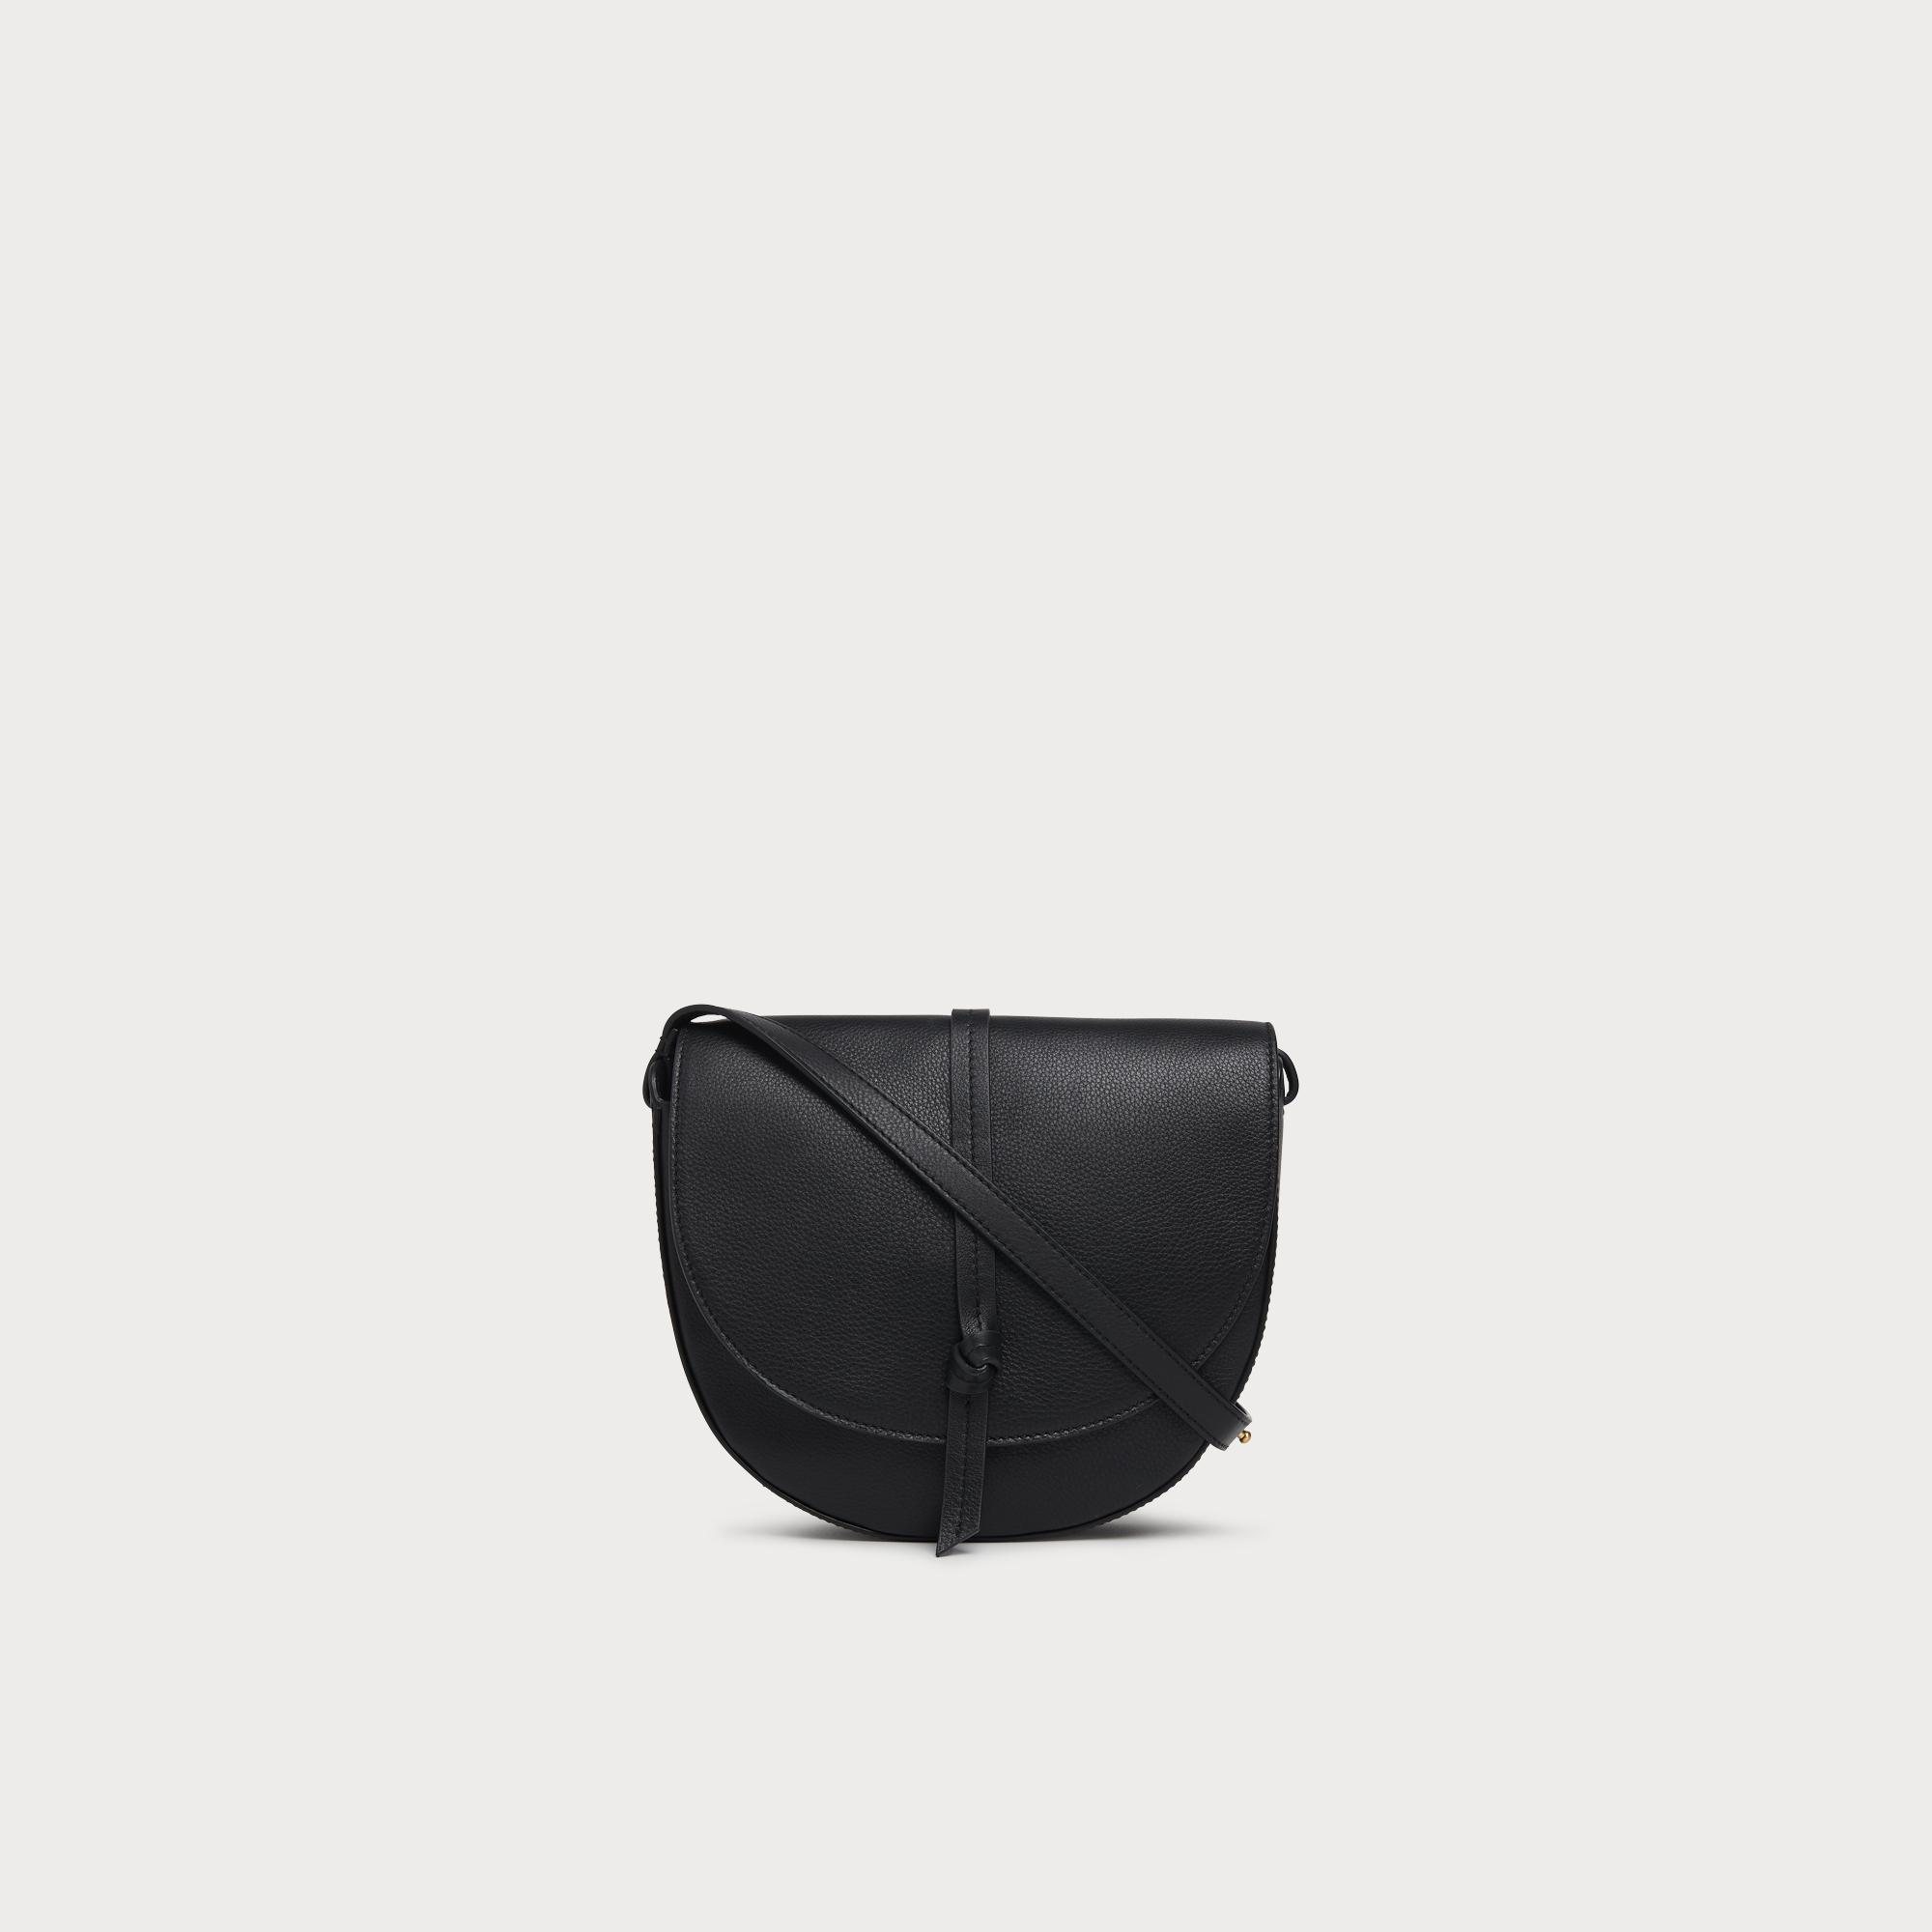 7fae6d5e13 Bluebell Black Leather Crossbody Bag